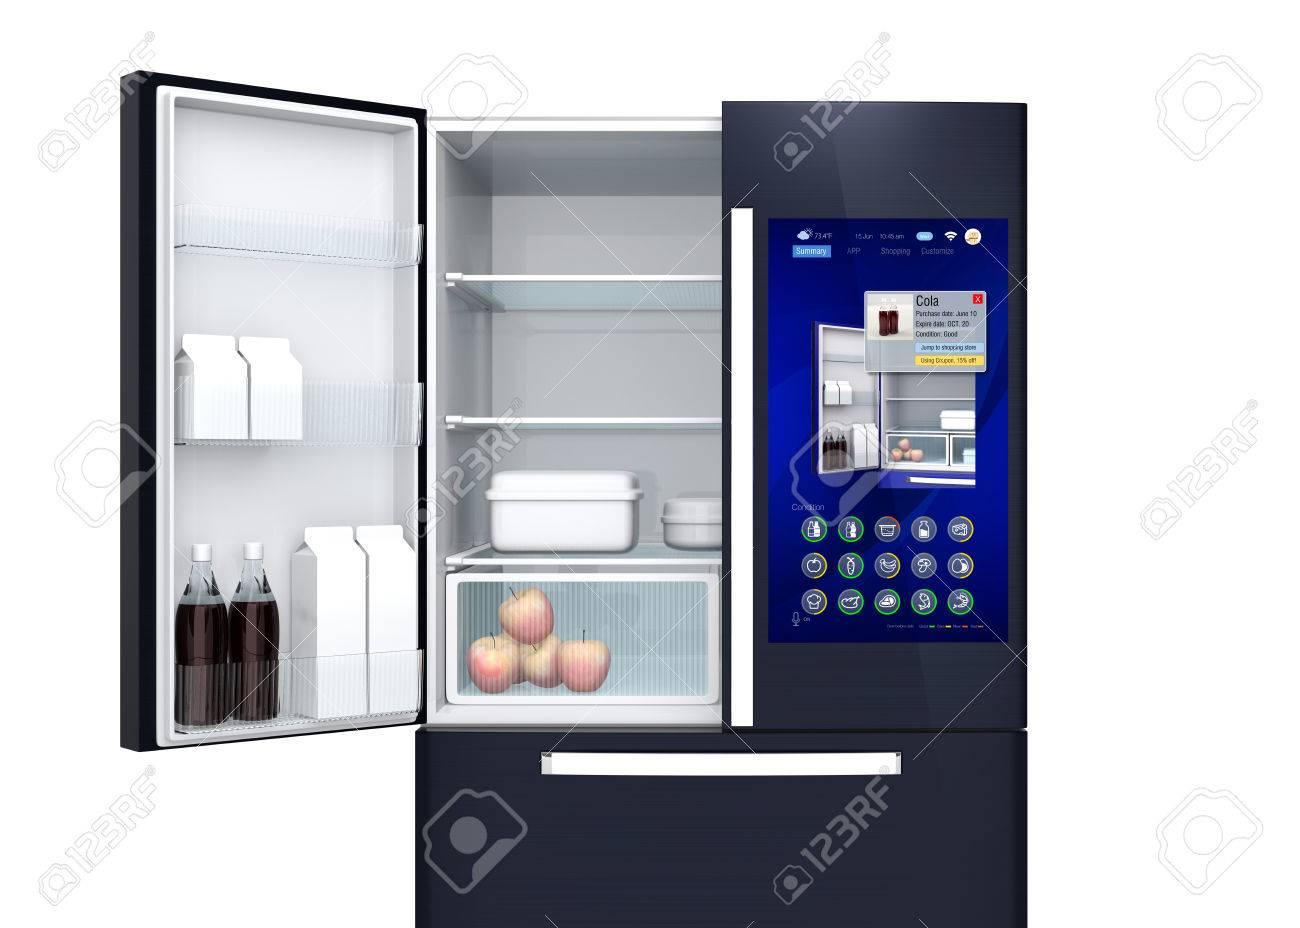 Kühlschrank Neu : Frontansicht des intelligenten kühlschrank der benutzer kann